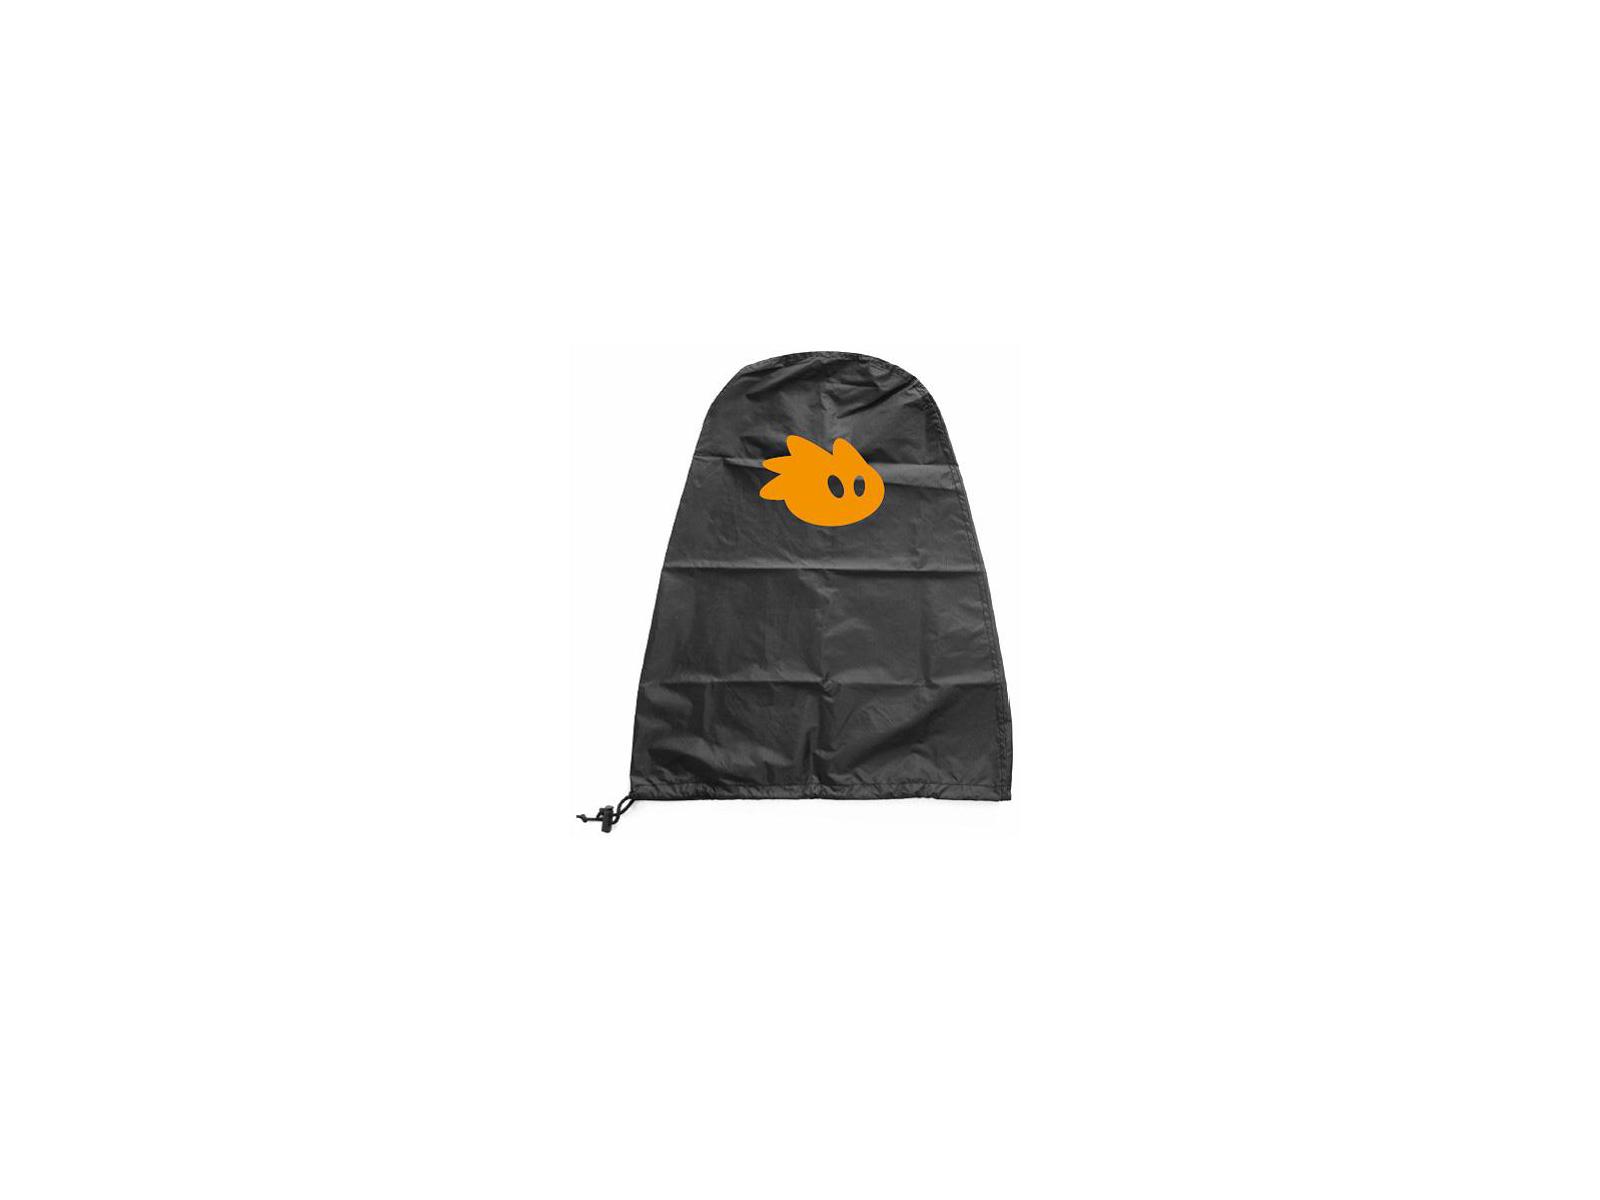 Regnslag Thule Yepp Cover til Maxi barnestol bag (DKK 119,00)